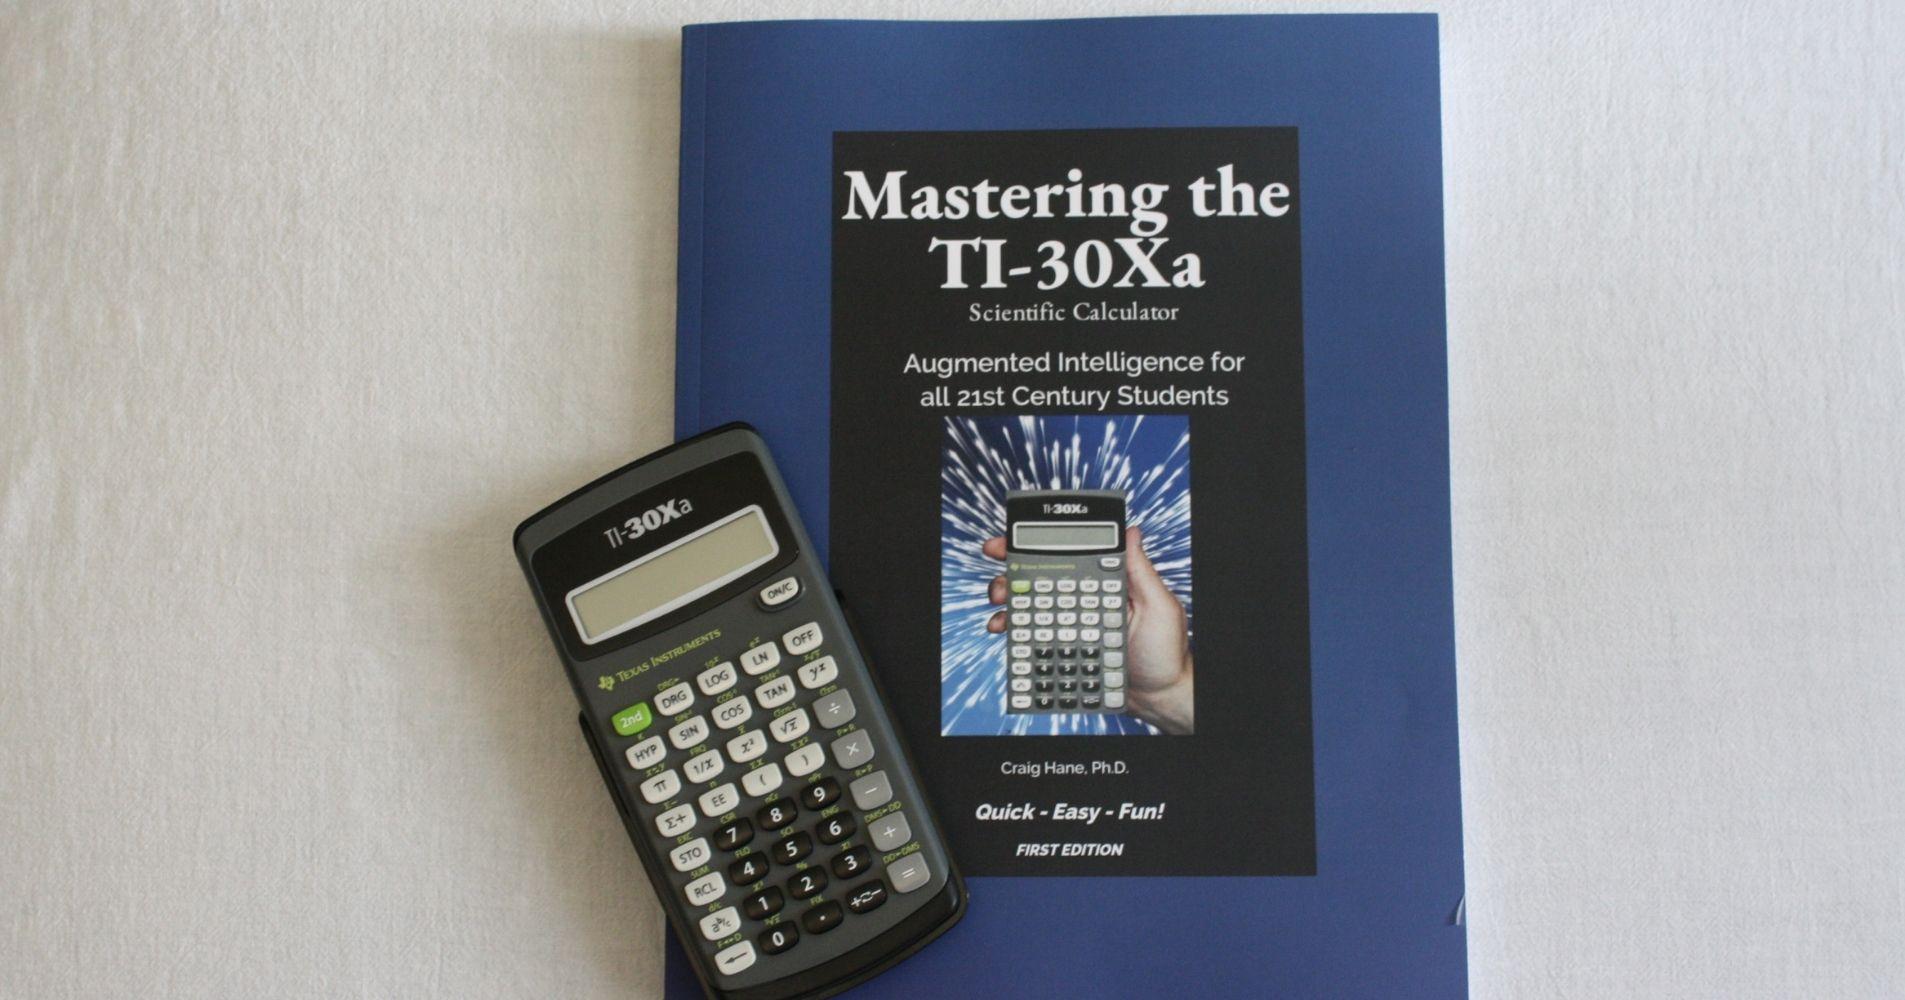 Mastering the TI-30Xa Scientific Calculator {Review}